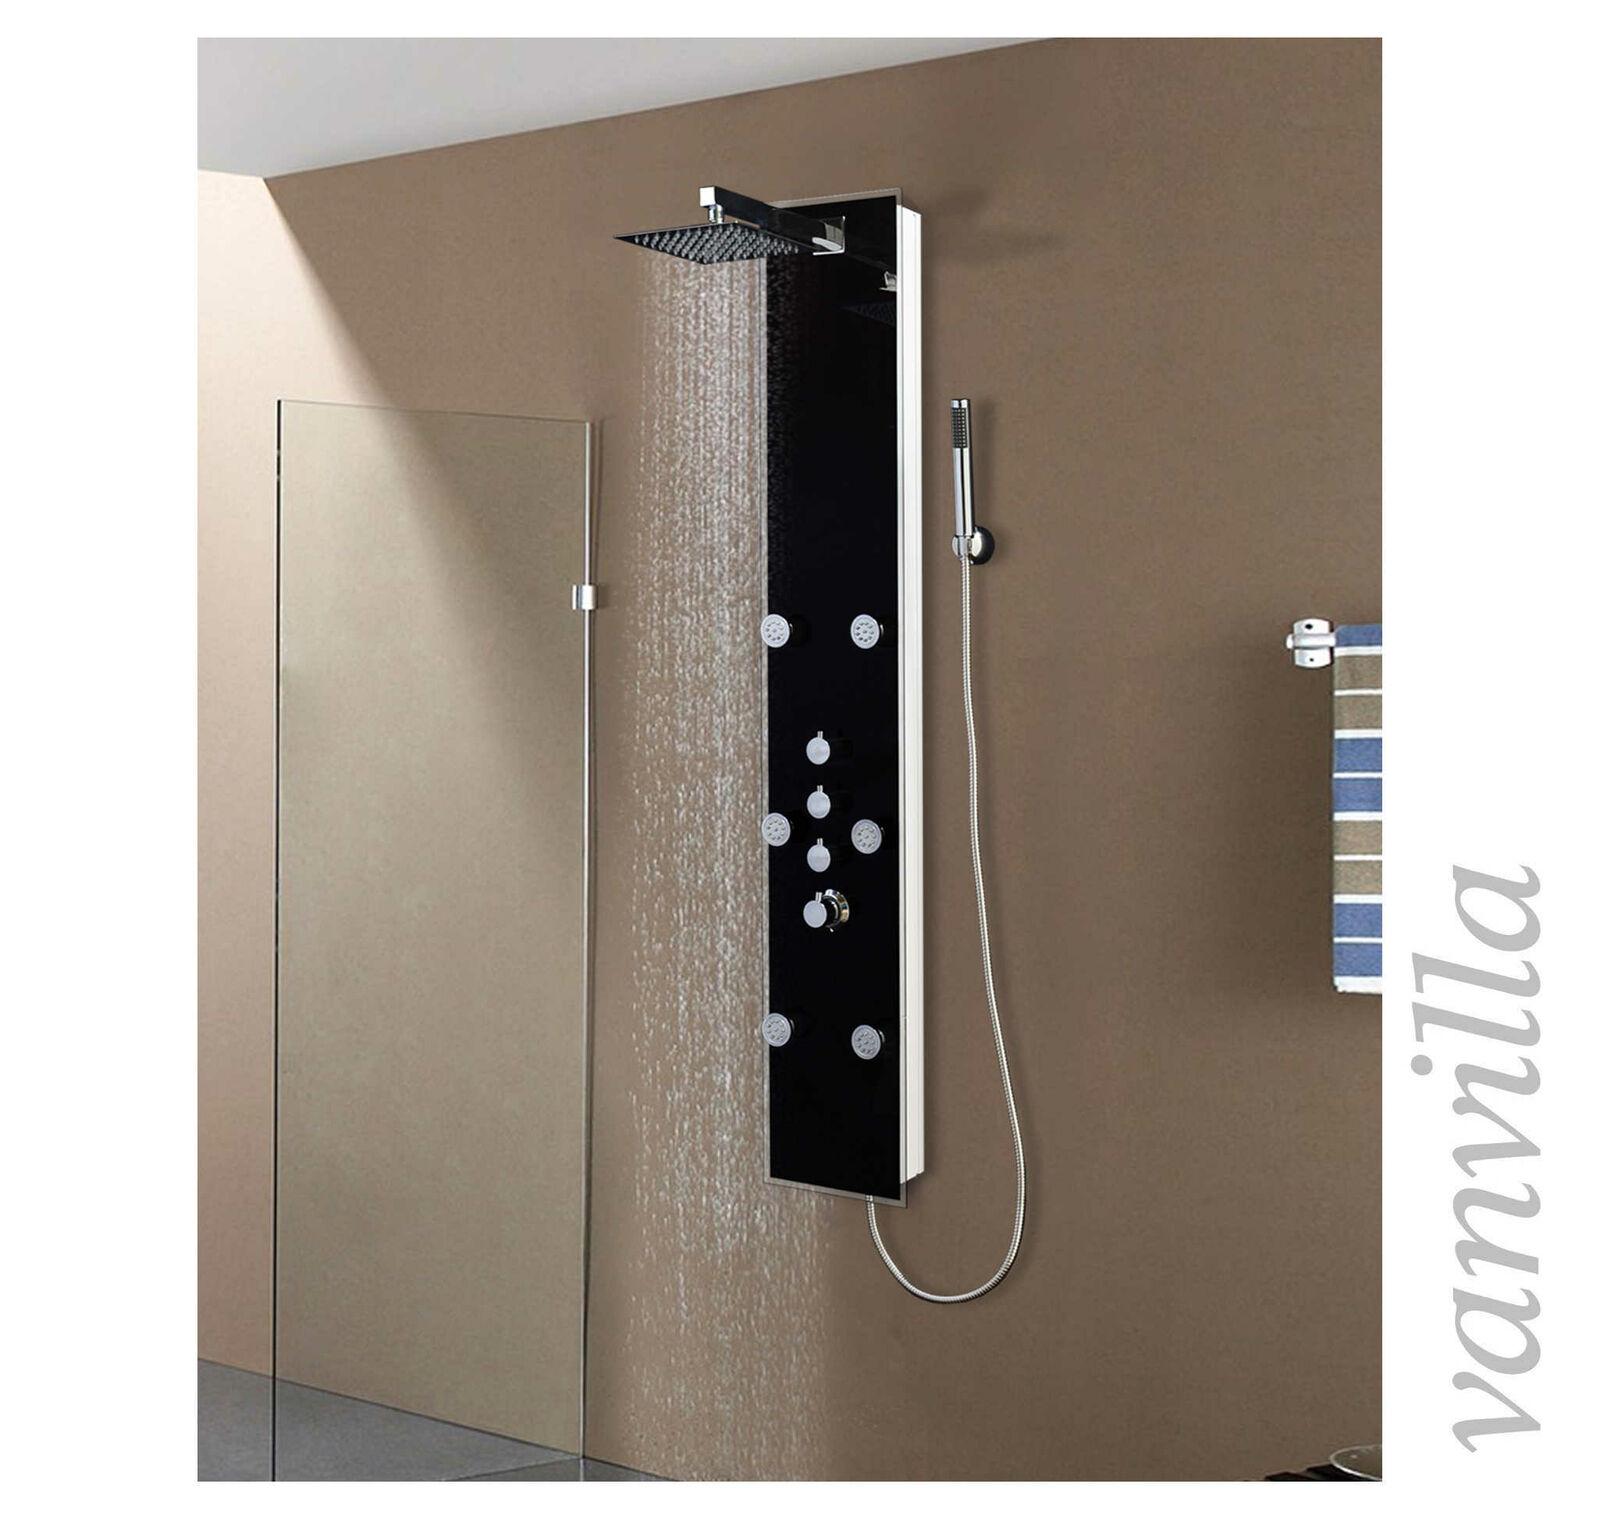 Duschpaneel Thermostat Glas Duschsäule Brausepaneel Regendusche SonsGoldl | Stilvoll Stilvoll Stilvoll und lustig  | Neue Sorten werden eingeführt  | Meistverkaufte weltweit  | eine breite Palette von Produkten  4b14f6